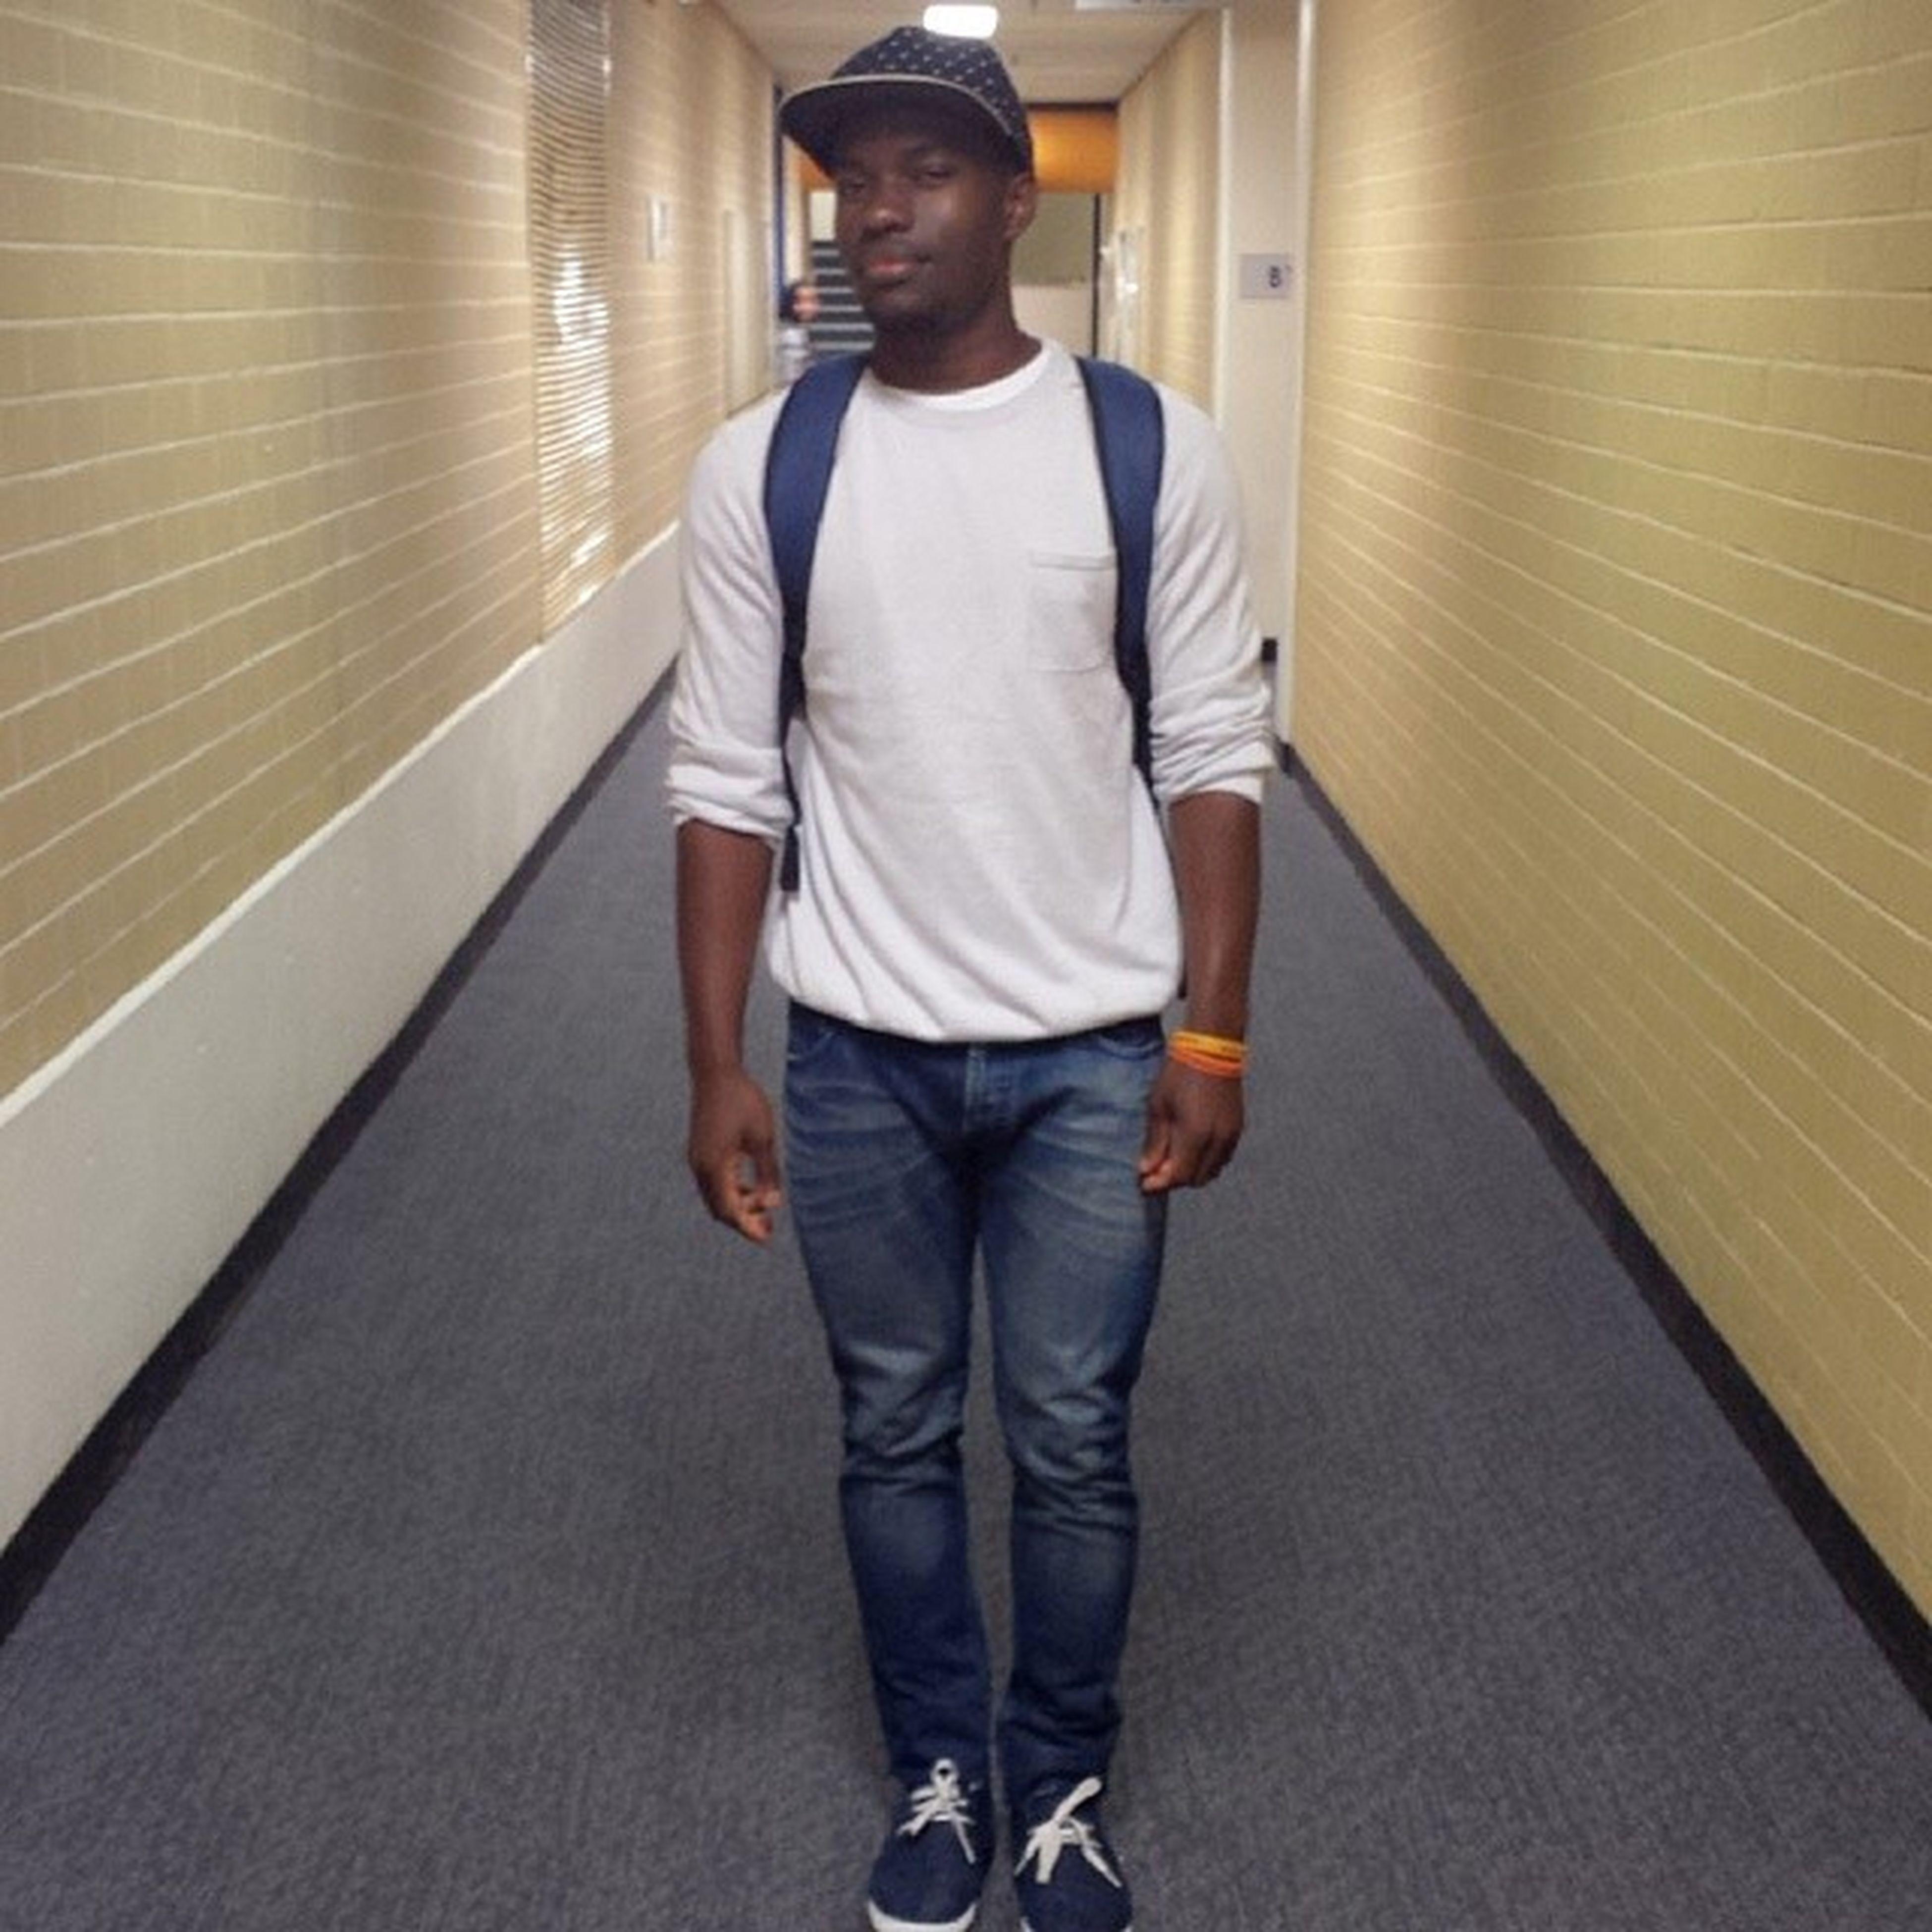 Walking the halls solo Schoolgotreal